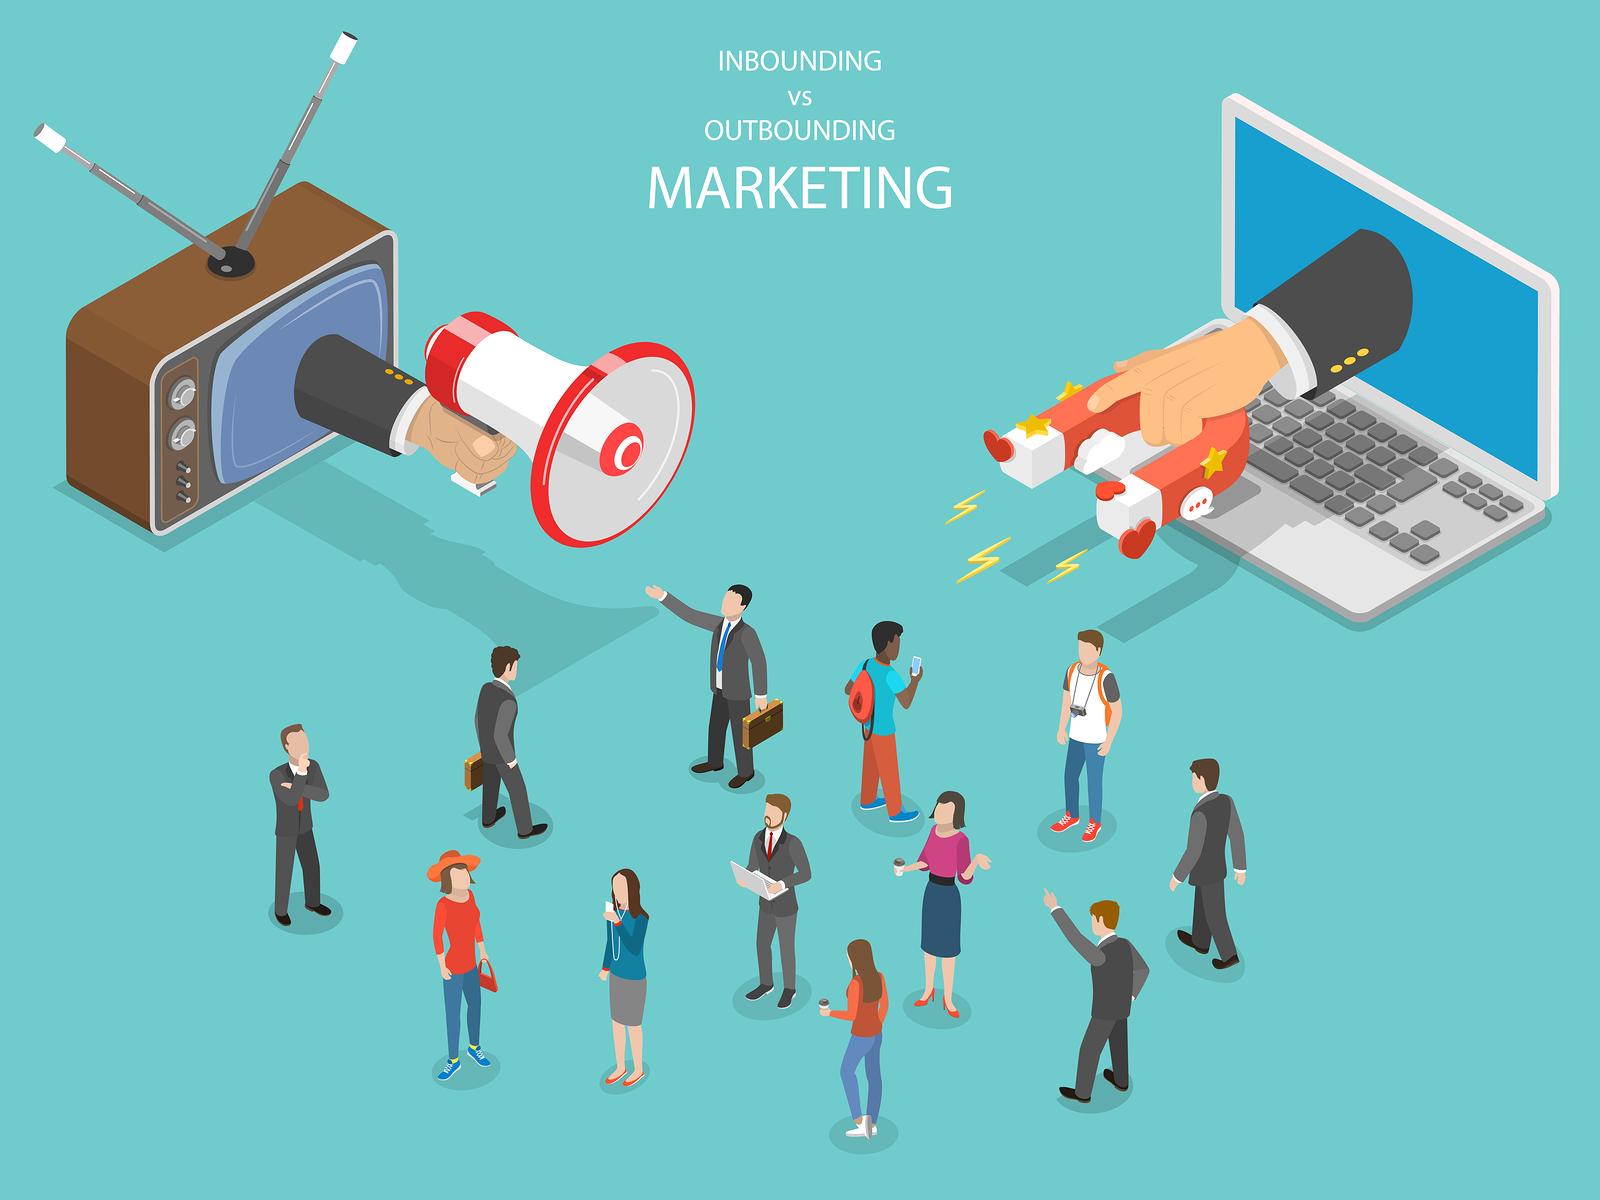 بازاریابی داخلی و بازاریابی خارجی